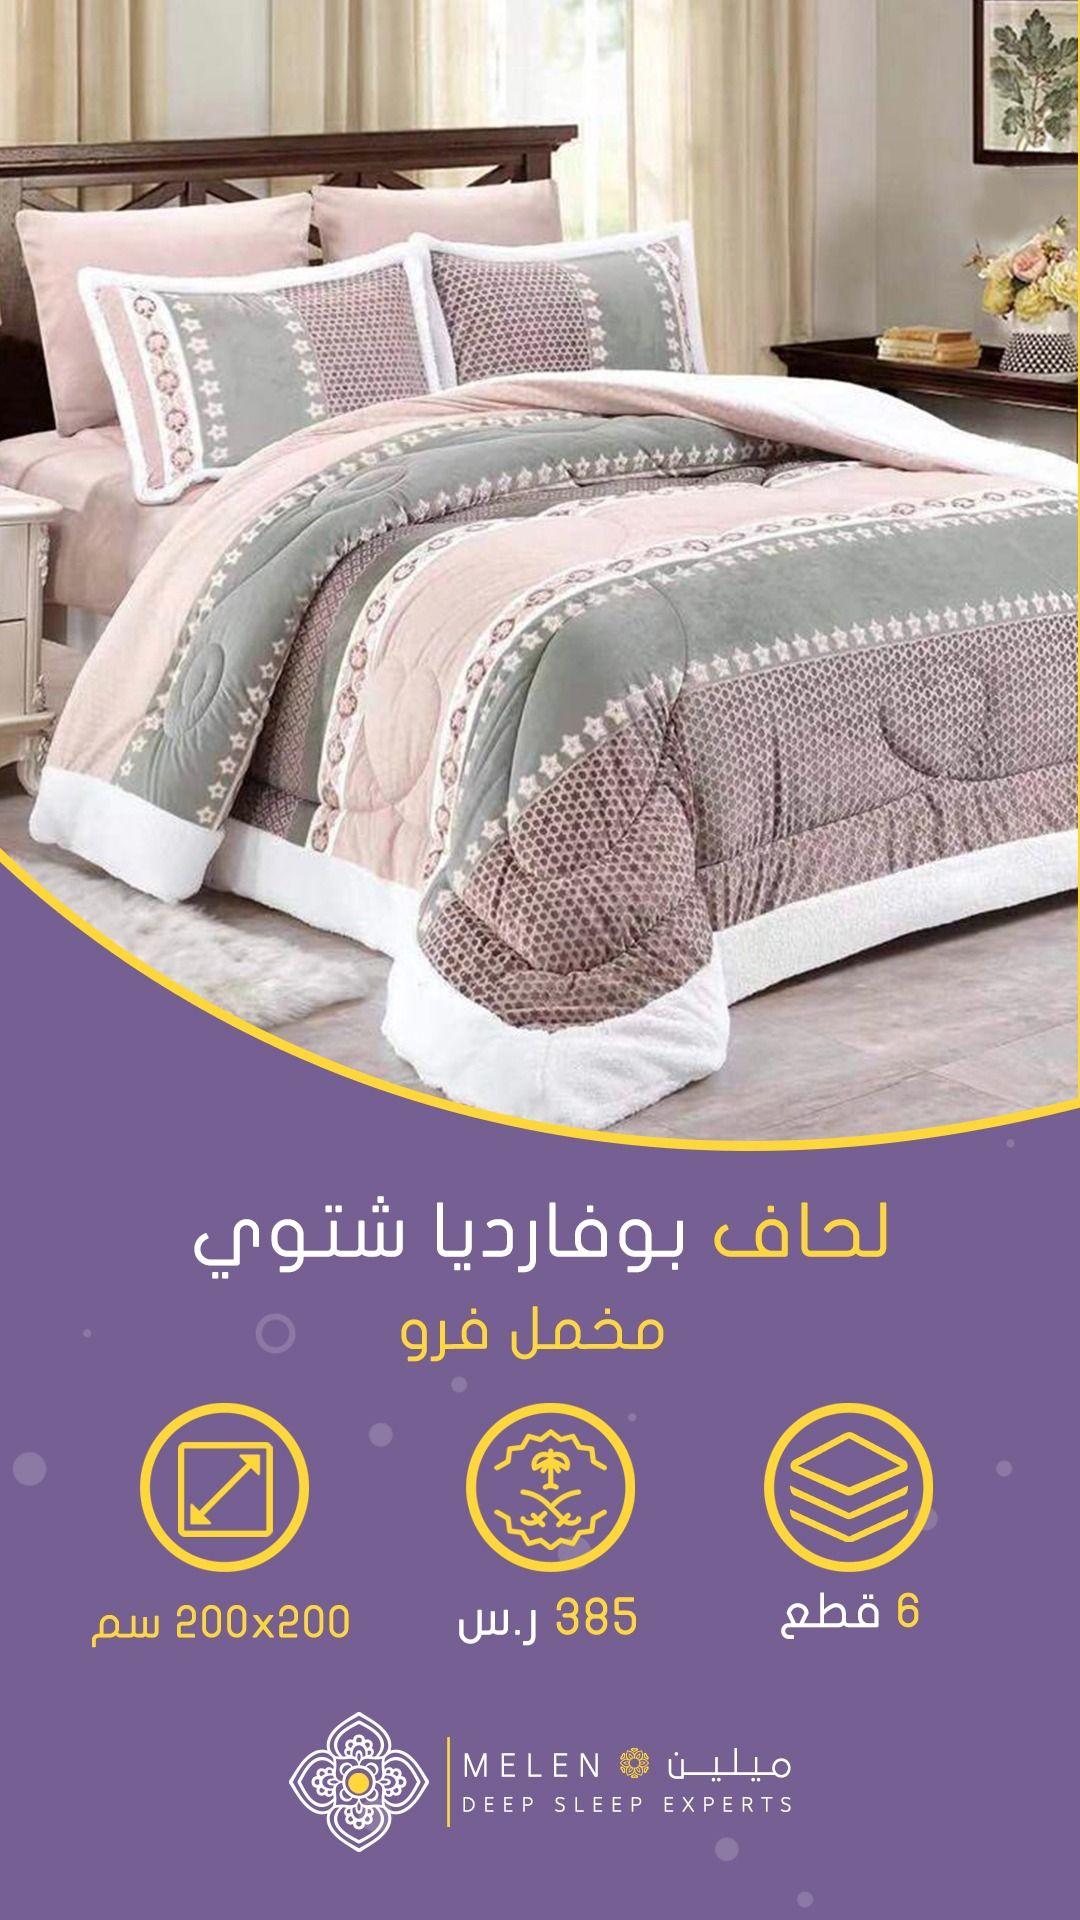 مفارش شتوي مزدوج مفارش ميلين Bed Blanket Ullo